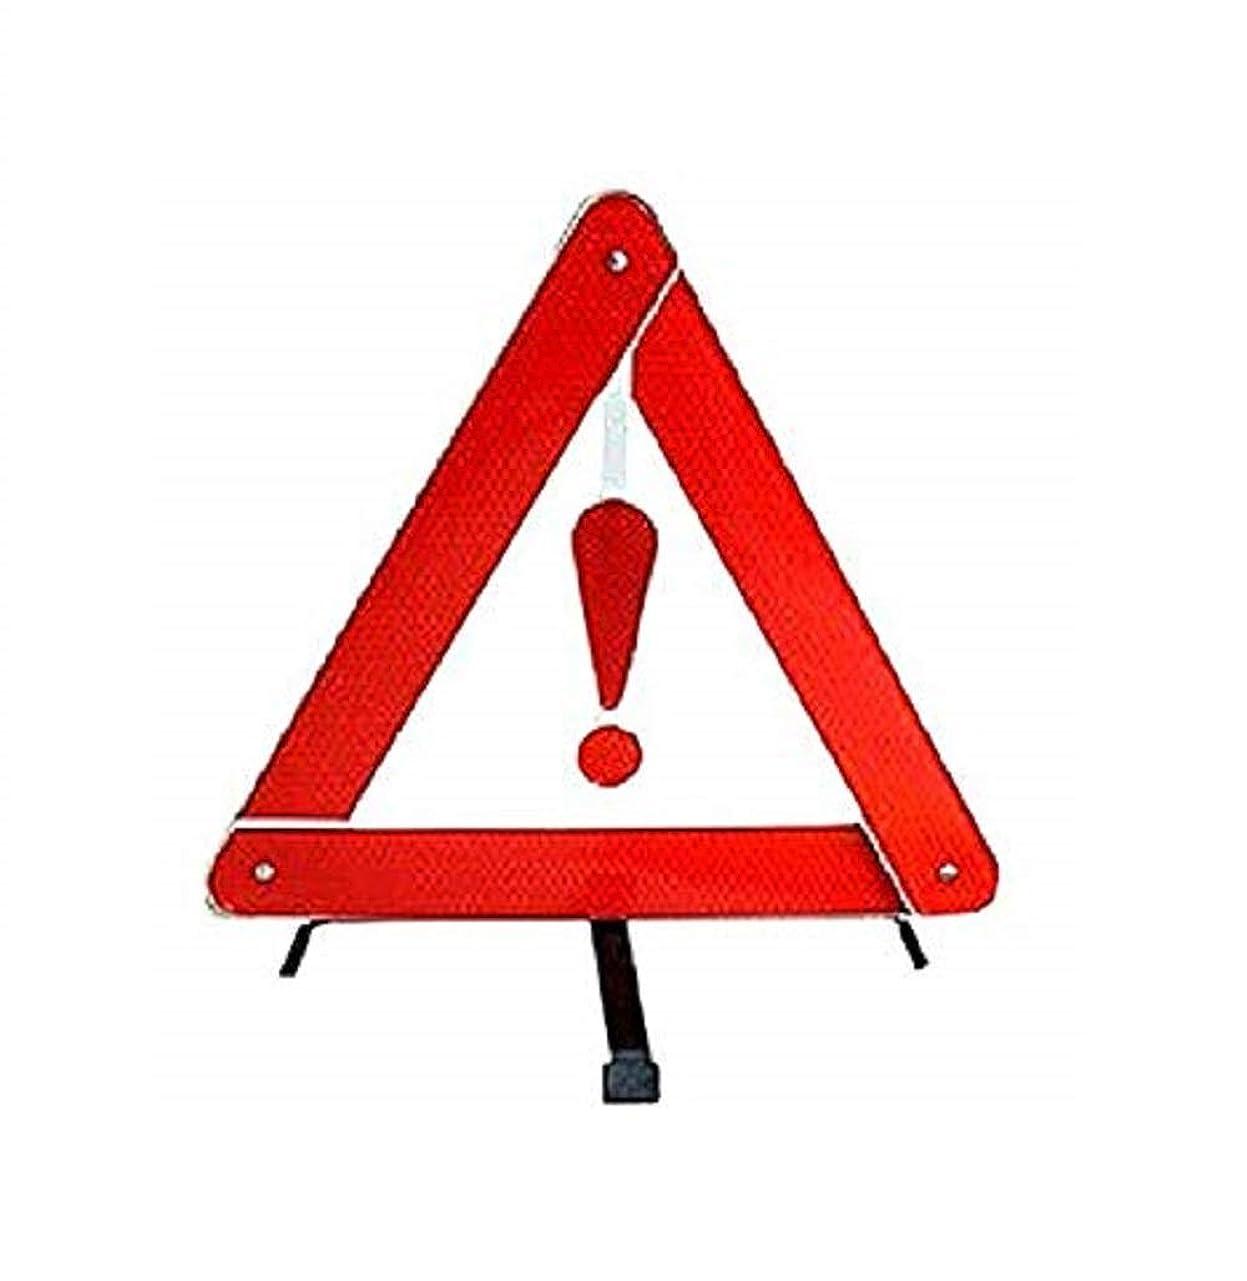 合成家主フルーツ野菜リタプロショップ? 車用 警告反射板セキュリティ 二次災害 三角表示 カー用品 緊急 反射板 組立 収納BOX付き